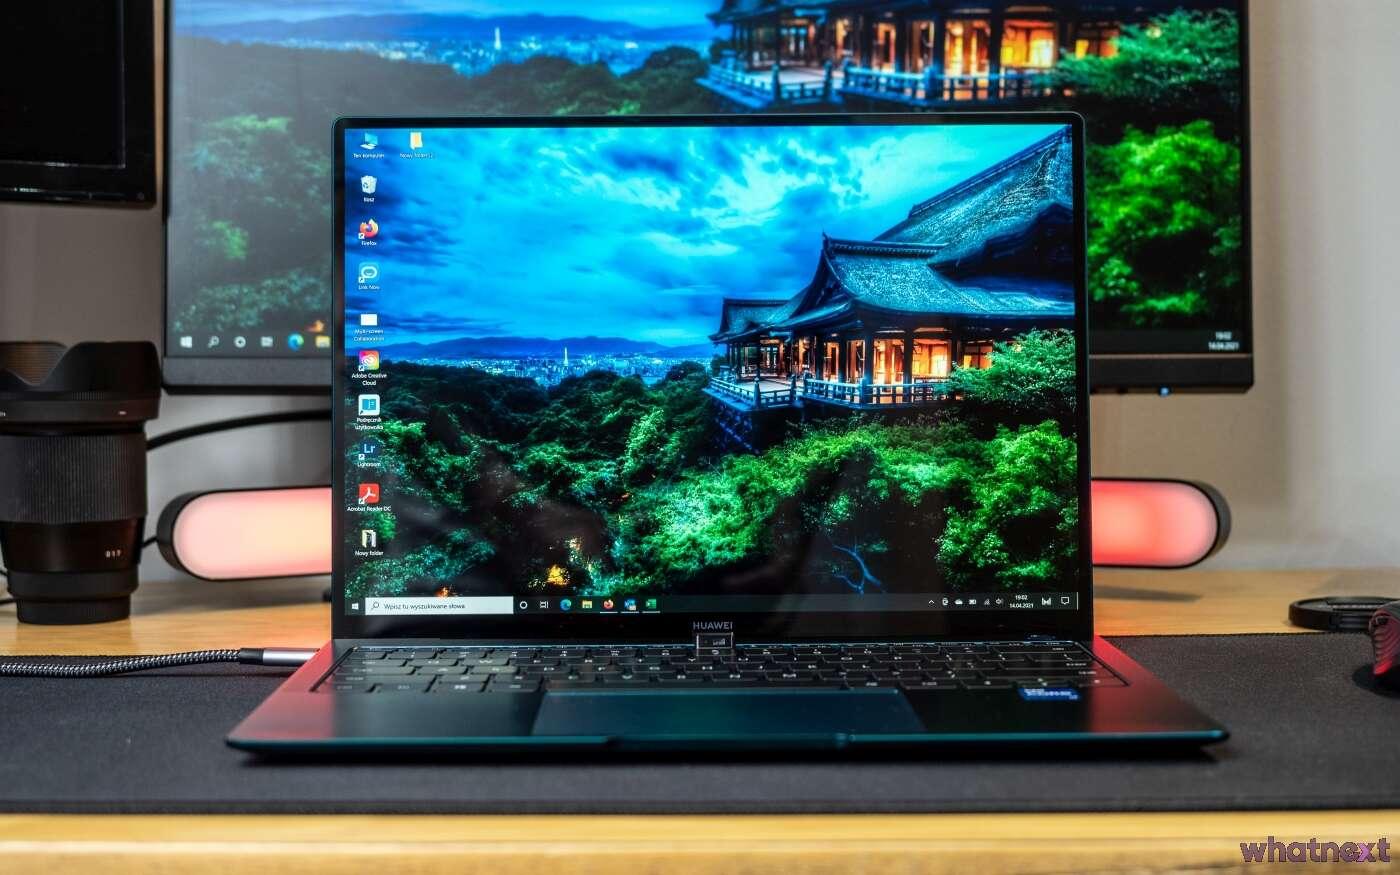 Premiera Huawei - laptopy, opaski, tablet i dużo promocji